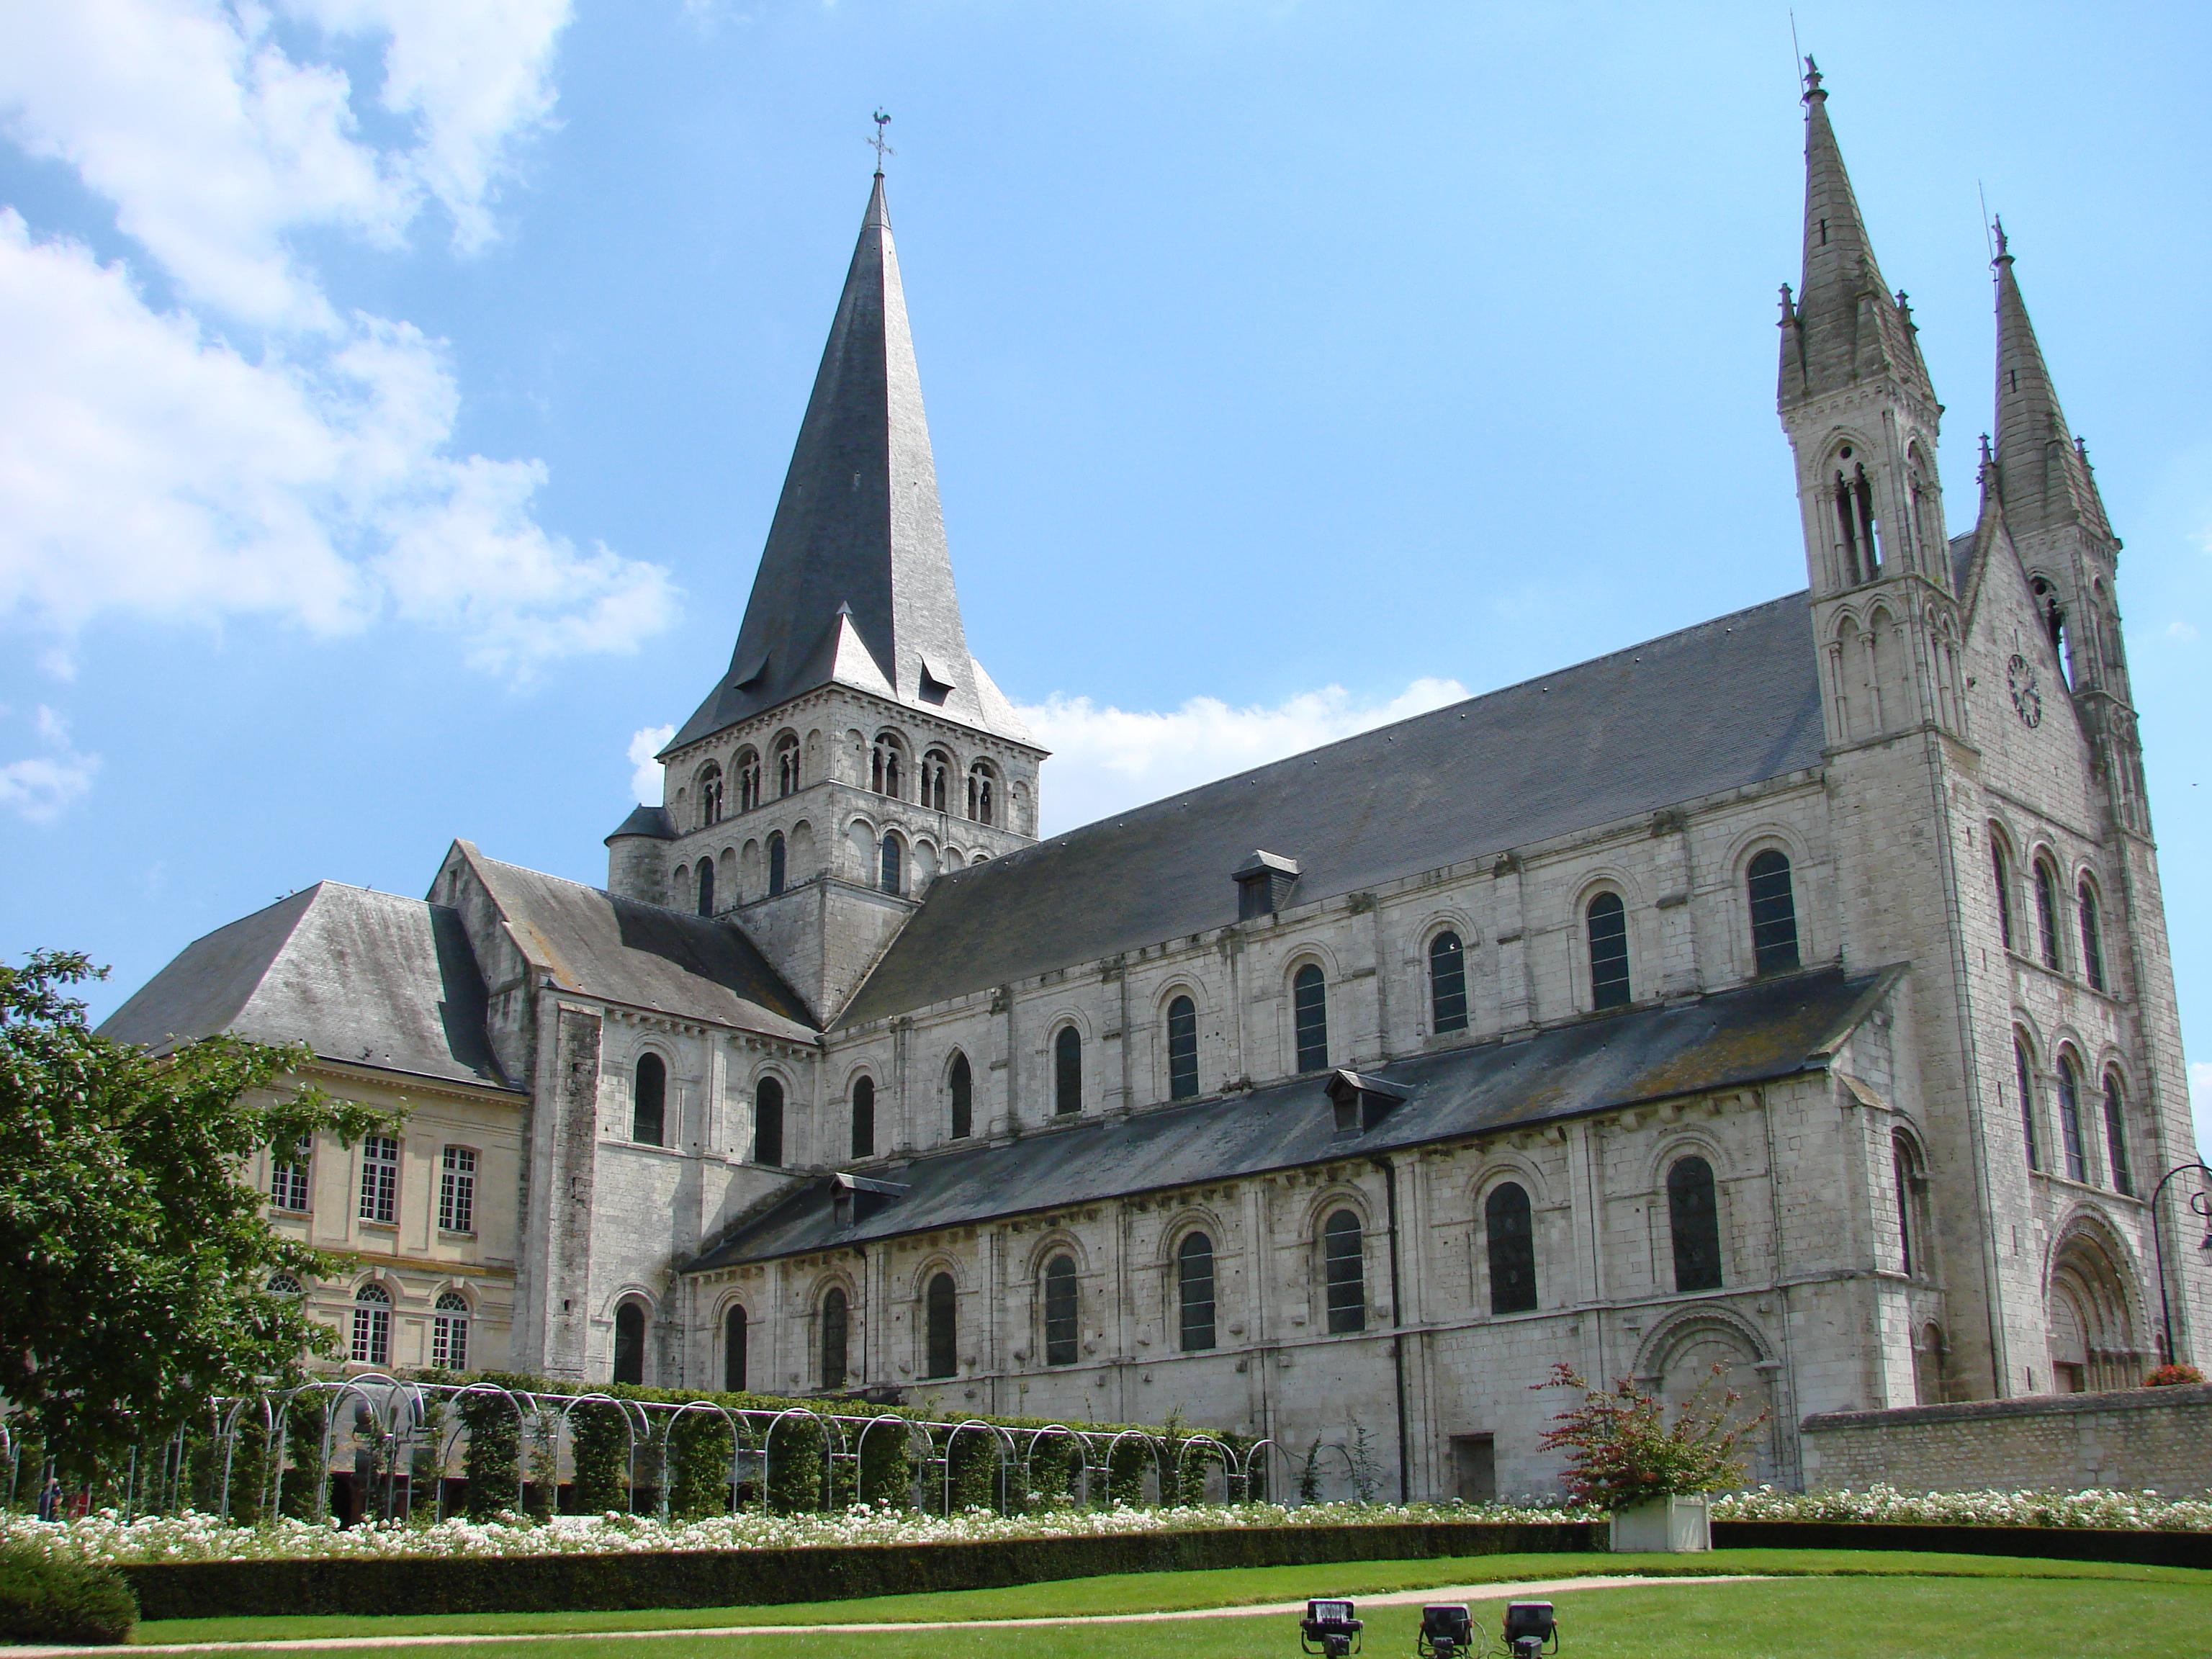 2007-07-28 08-04 Paris, Normandie 0396 Boscherville, Abbaye Saint-Georges.jpg